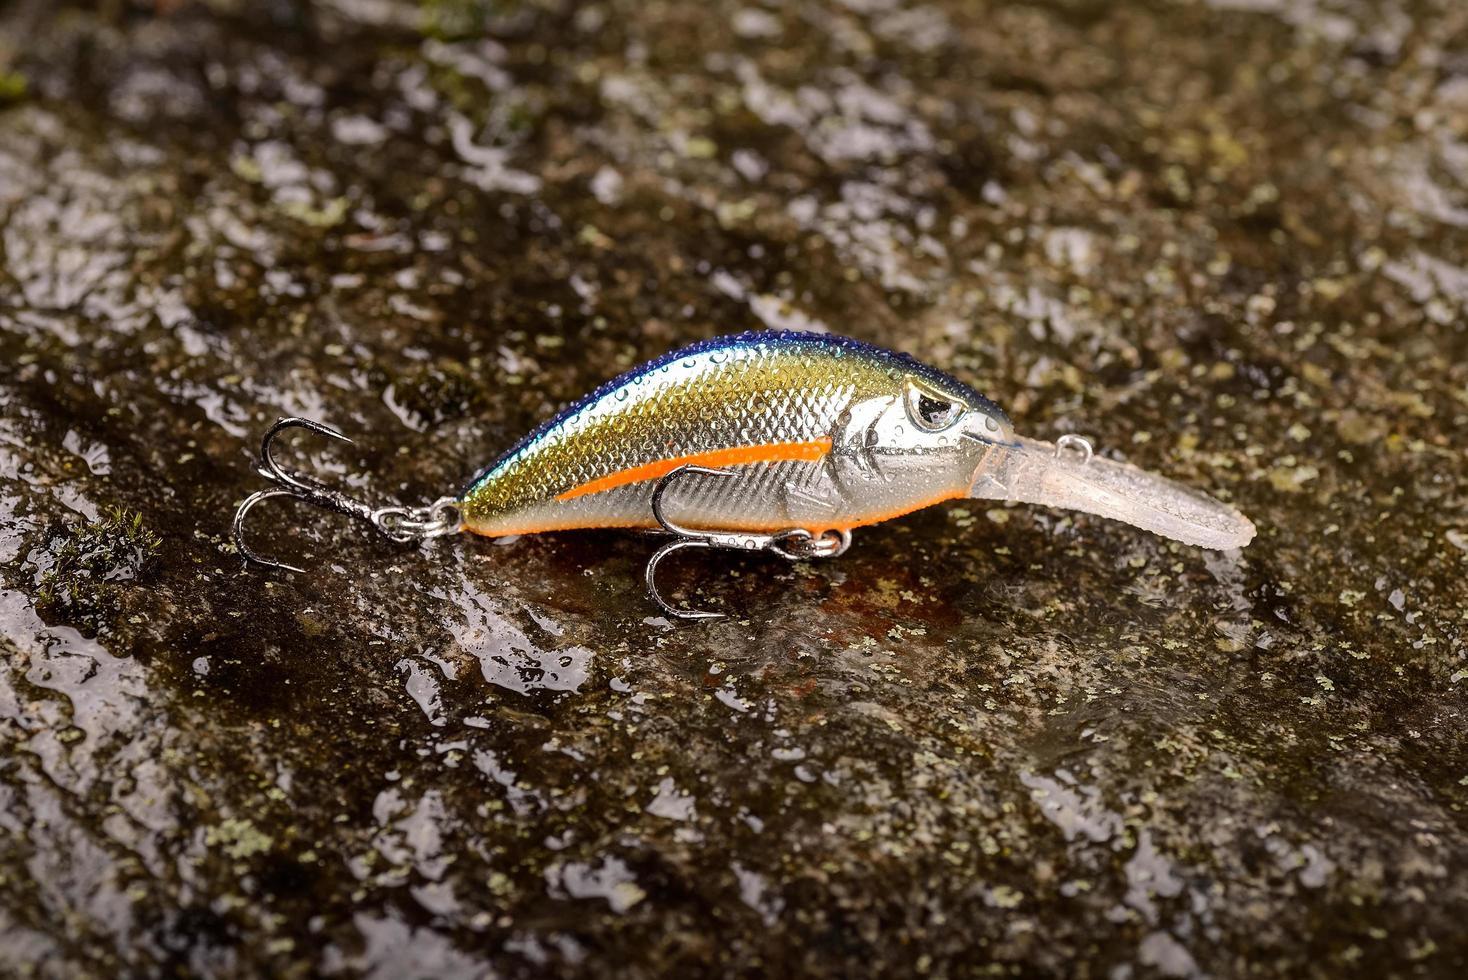 fiske lockare wobbler på en våt sten med mossa foto